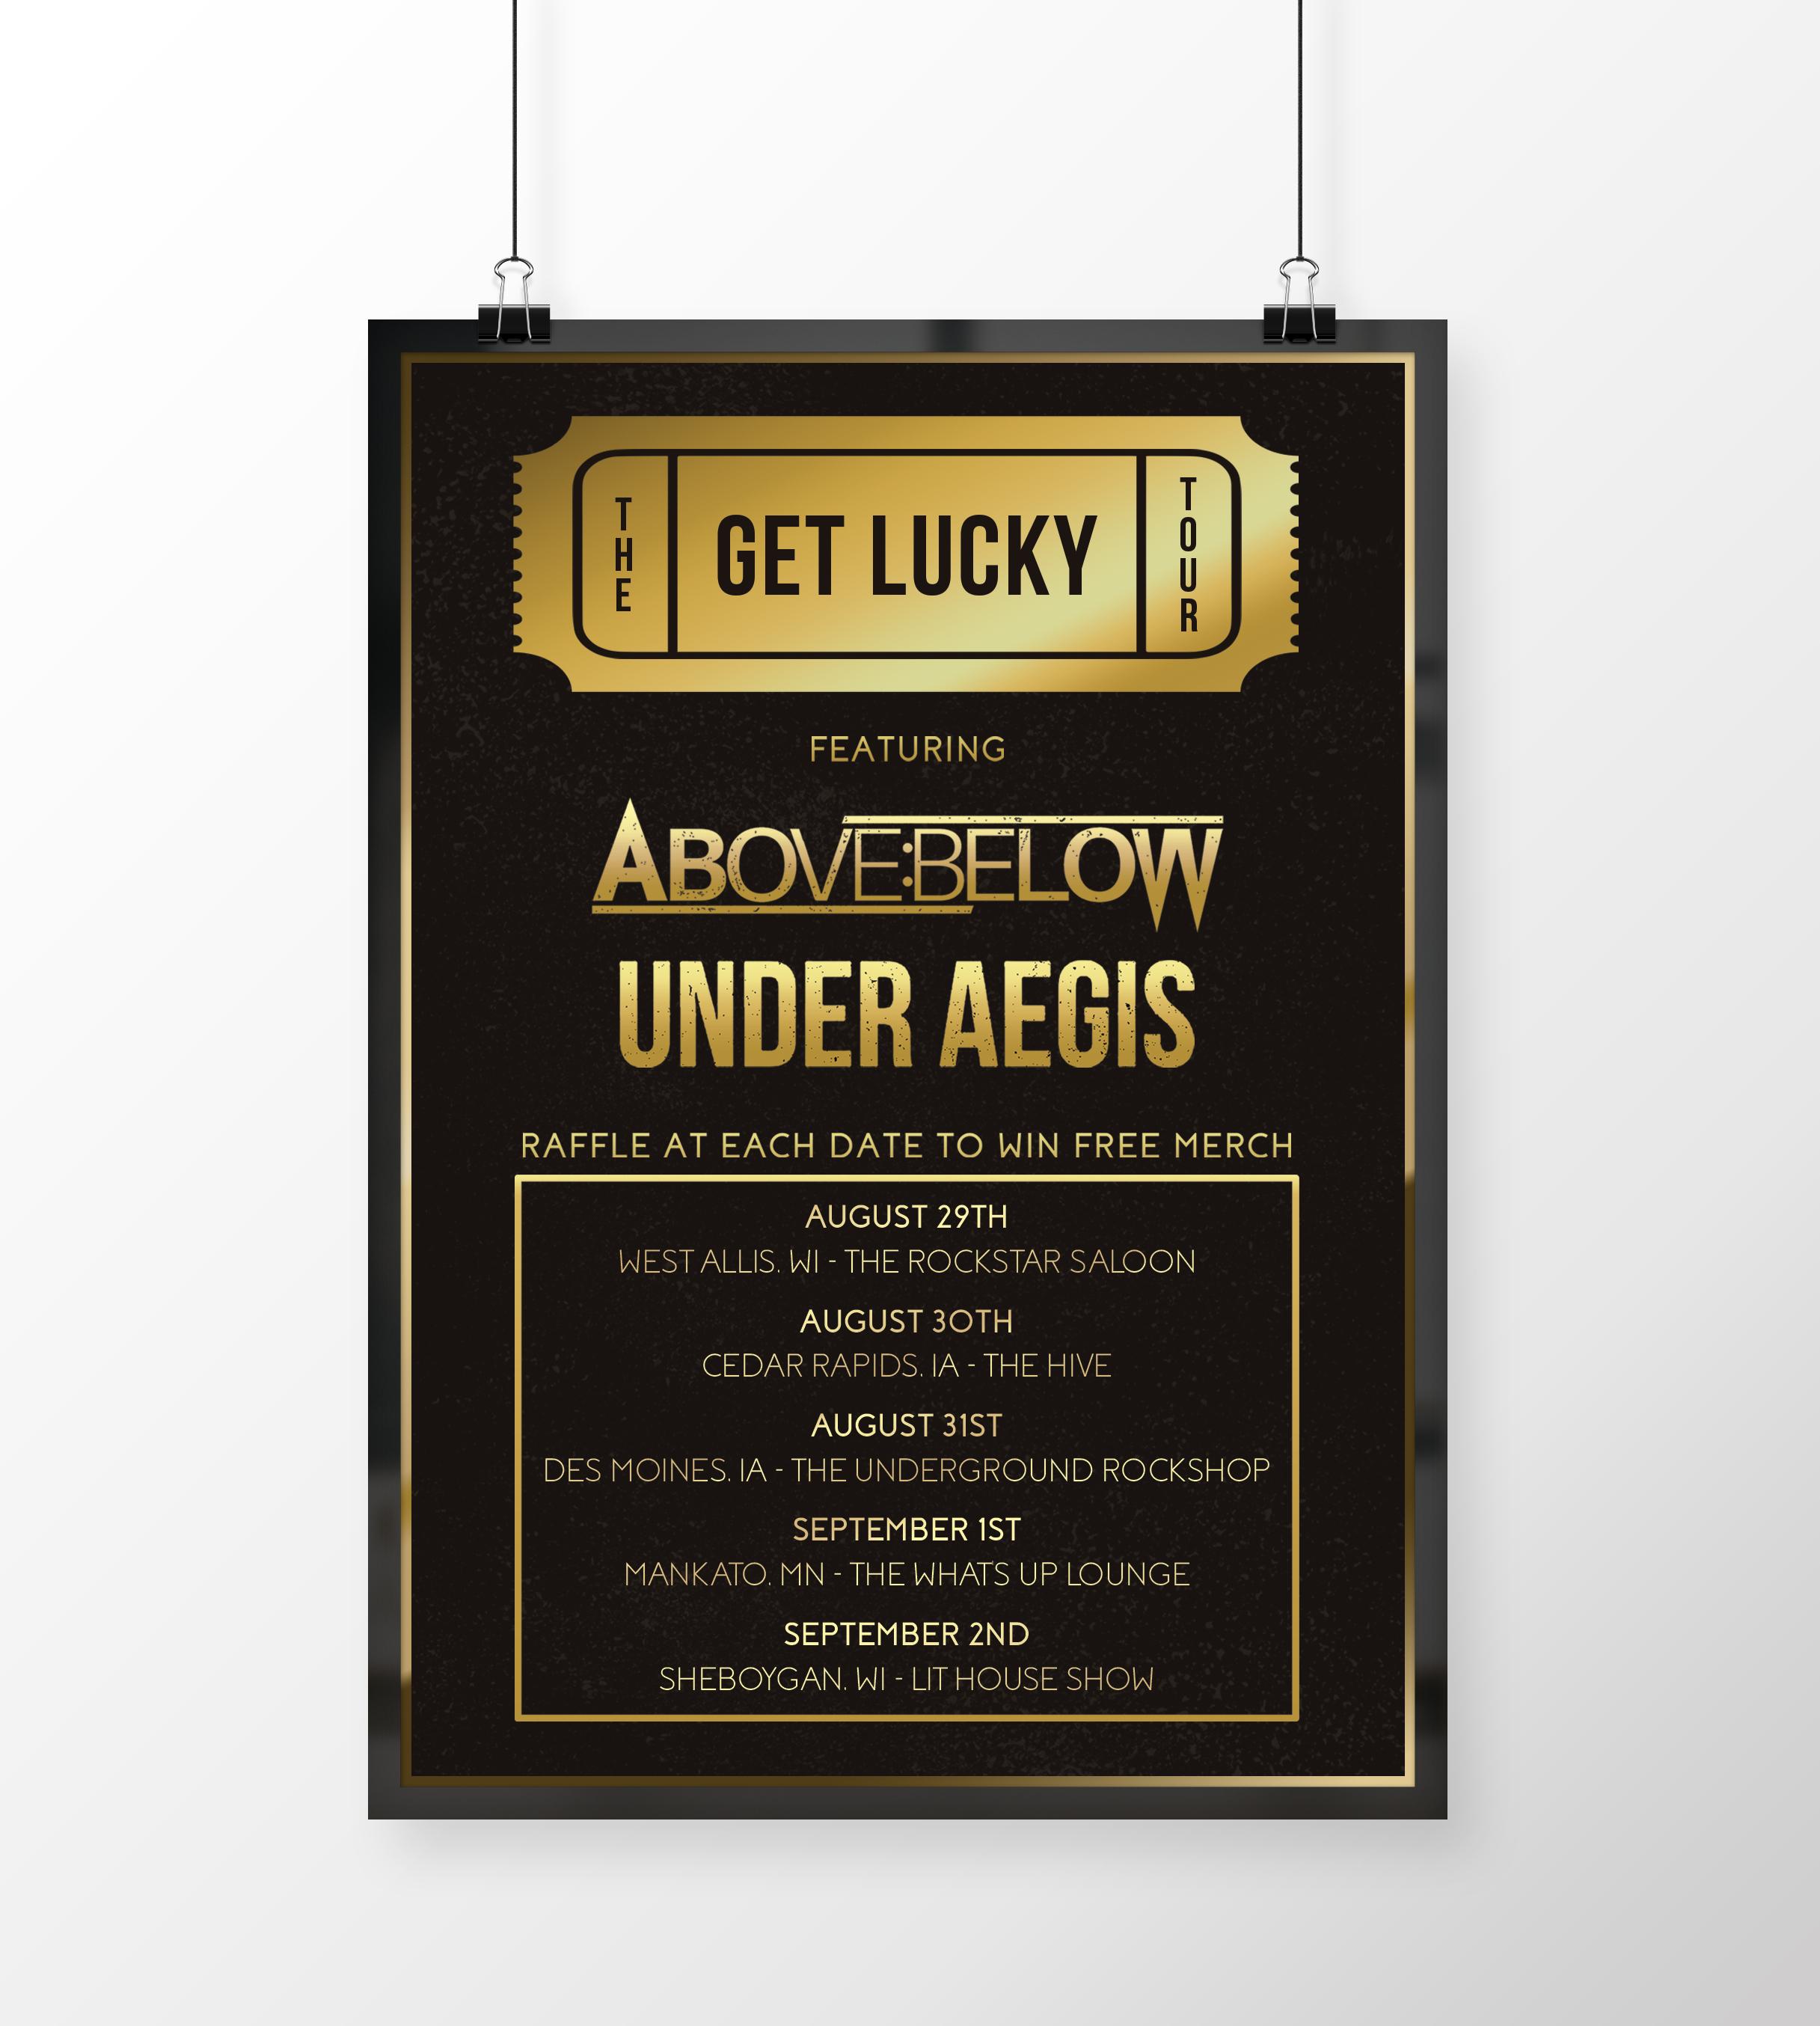 Get Lucky Tour Poster Mockup Final.jpg